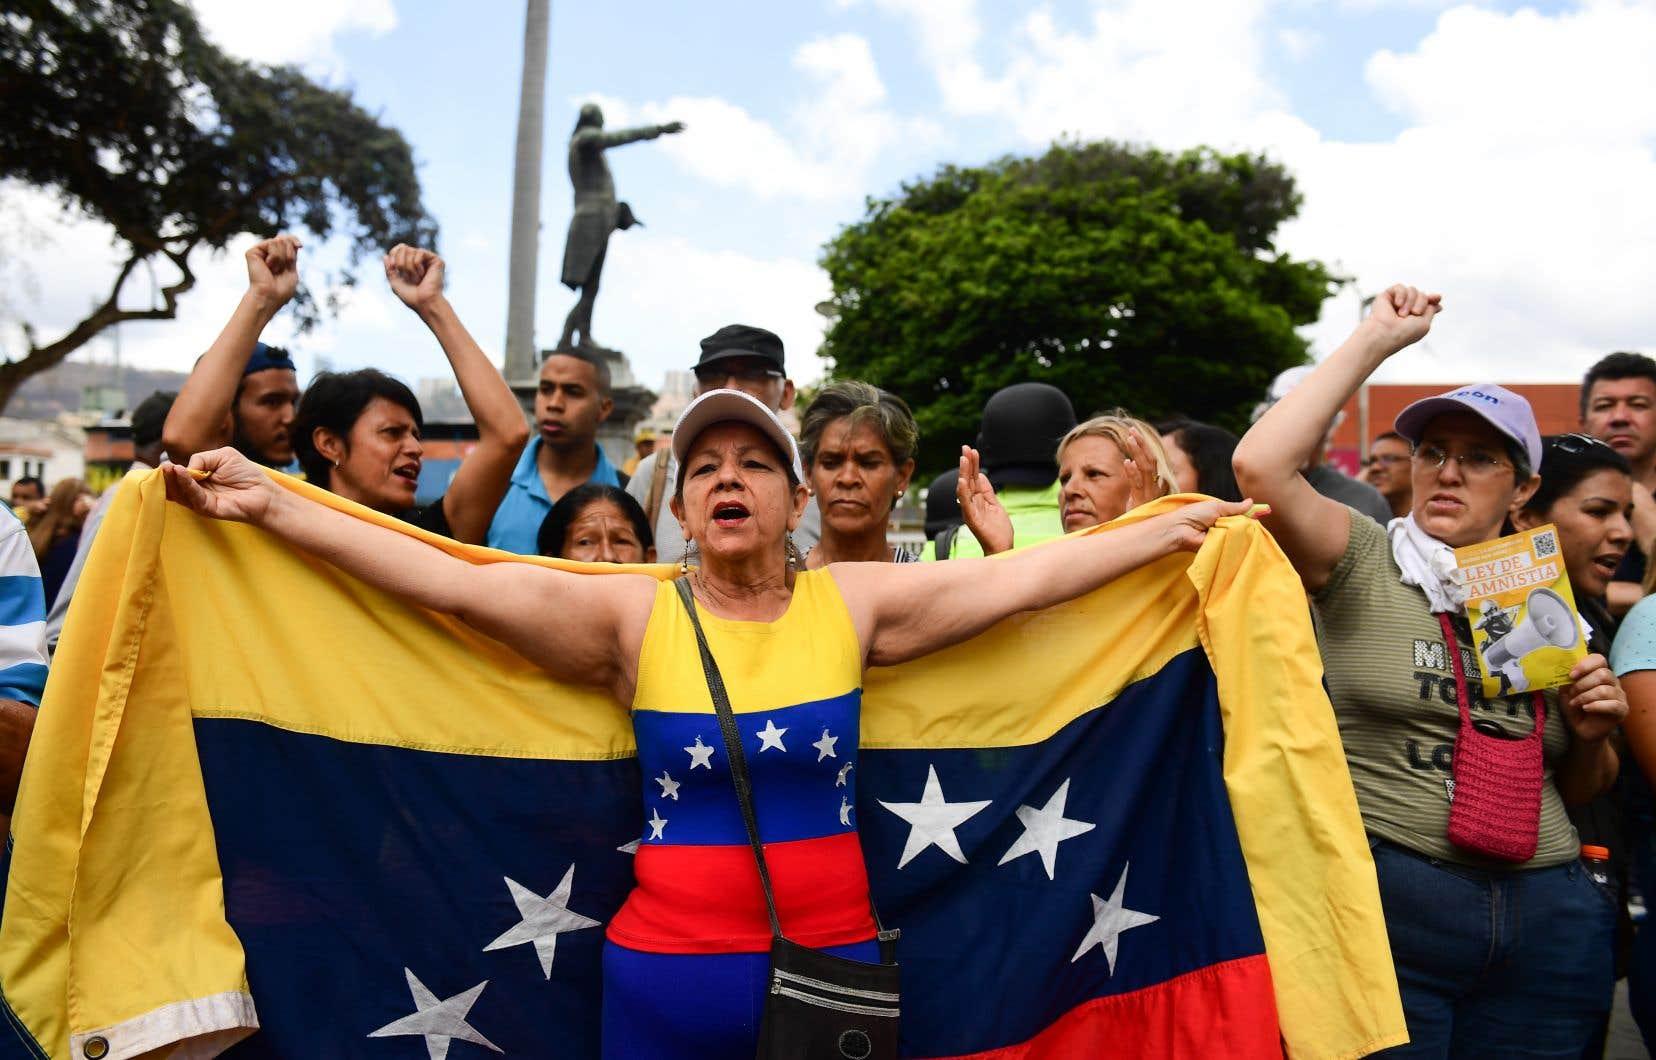 Des opposants au président vénézuélien Nicolas Maduro ont manifestenté dans le quartier El Paraiso à Caracas le 4 mai 2019.